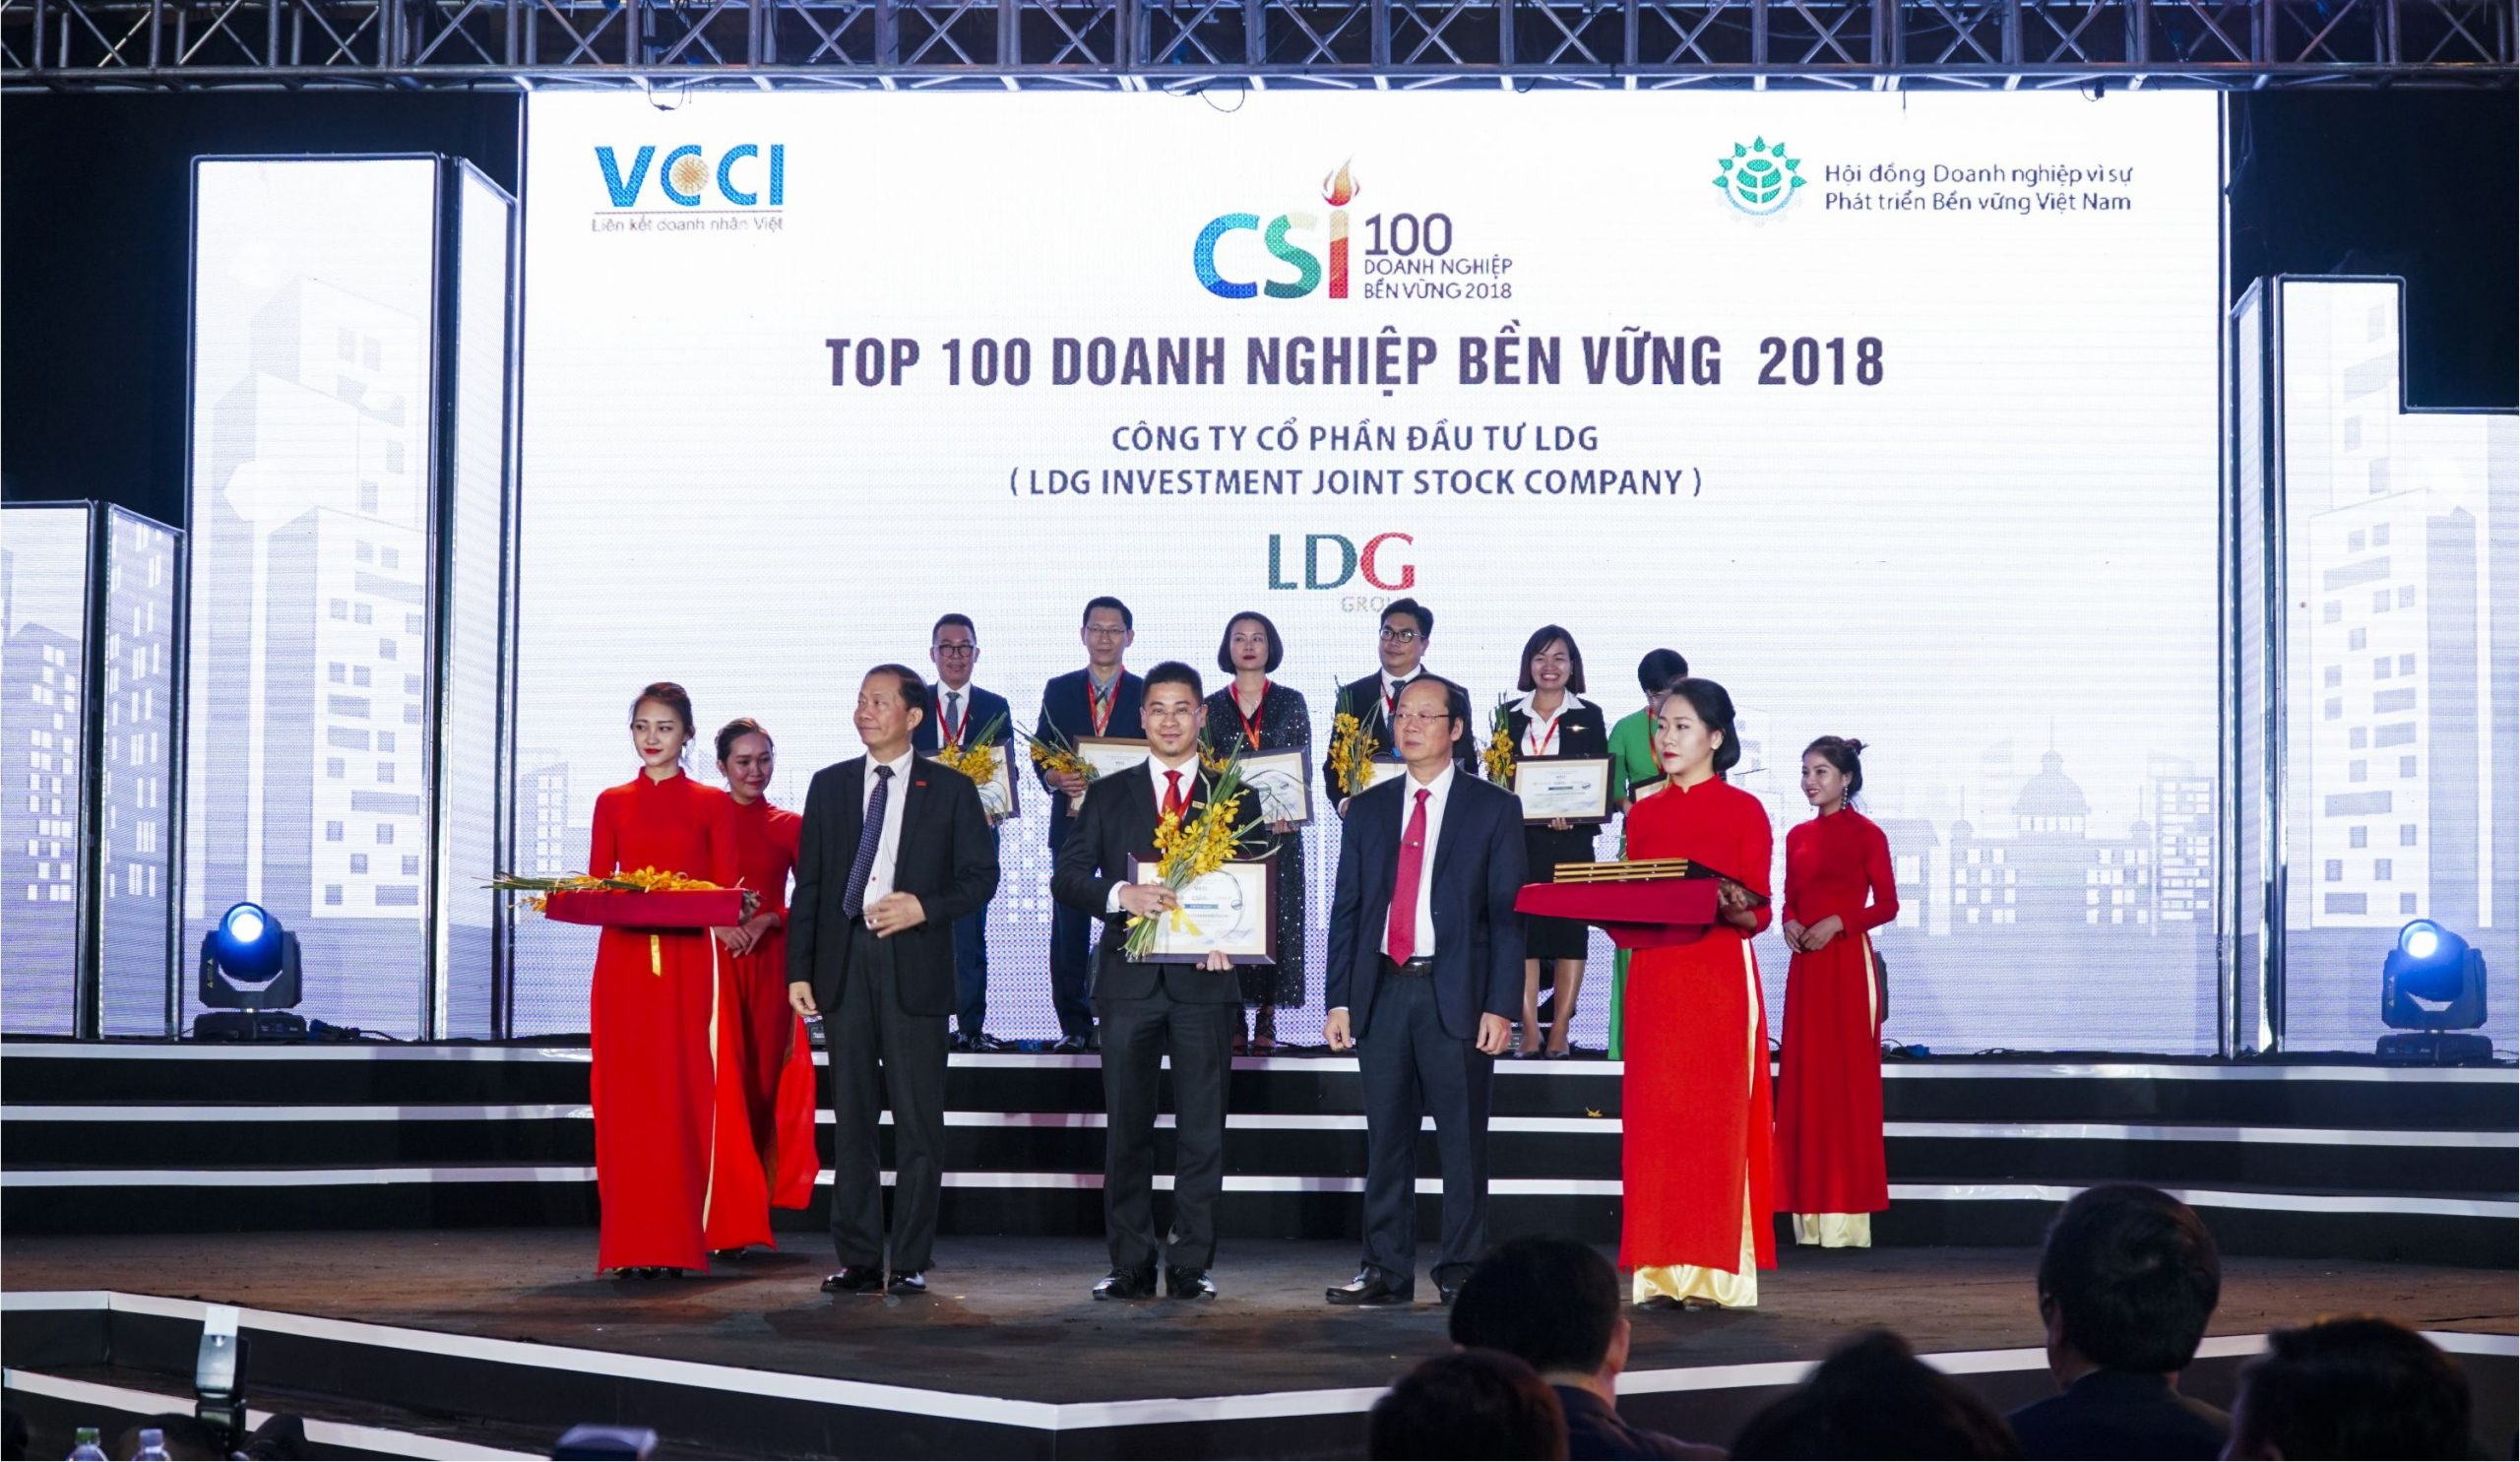 Công ty Cổ phần Đầu tư Long Điền Group - LDG Group